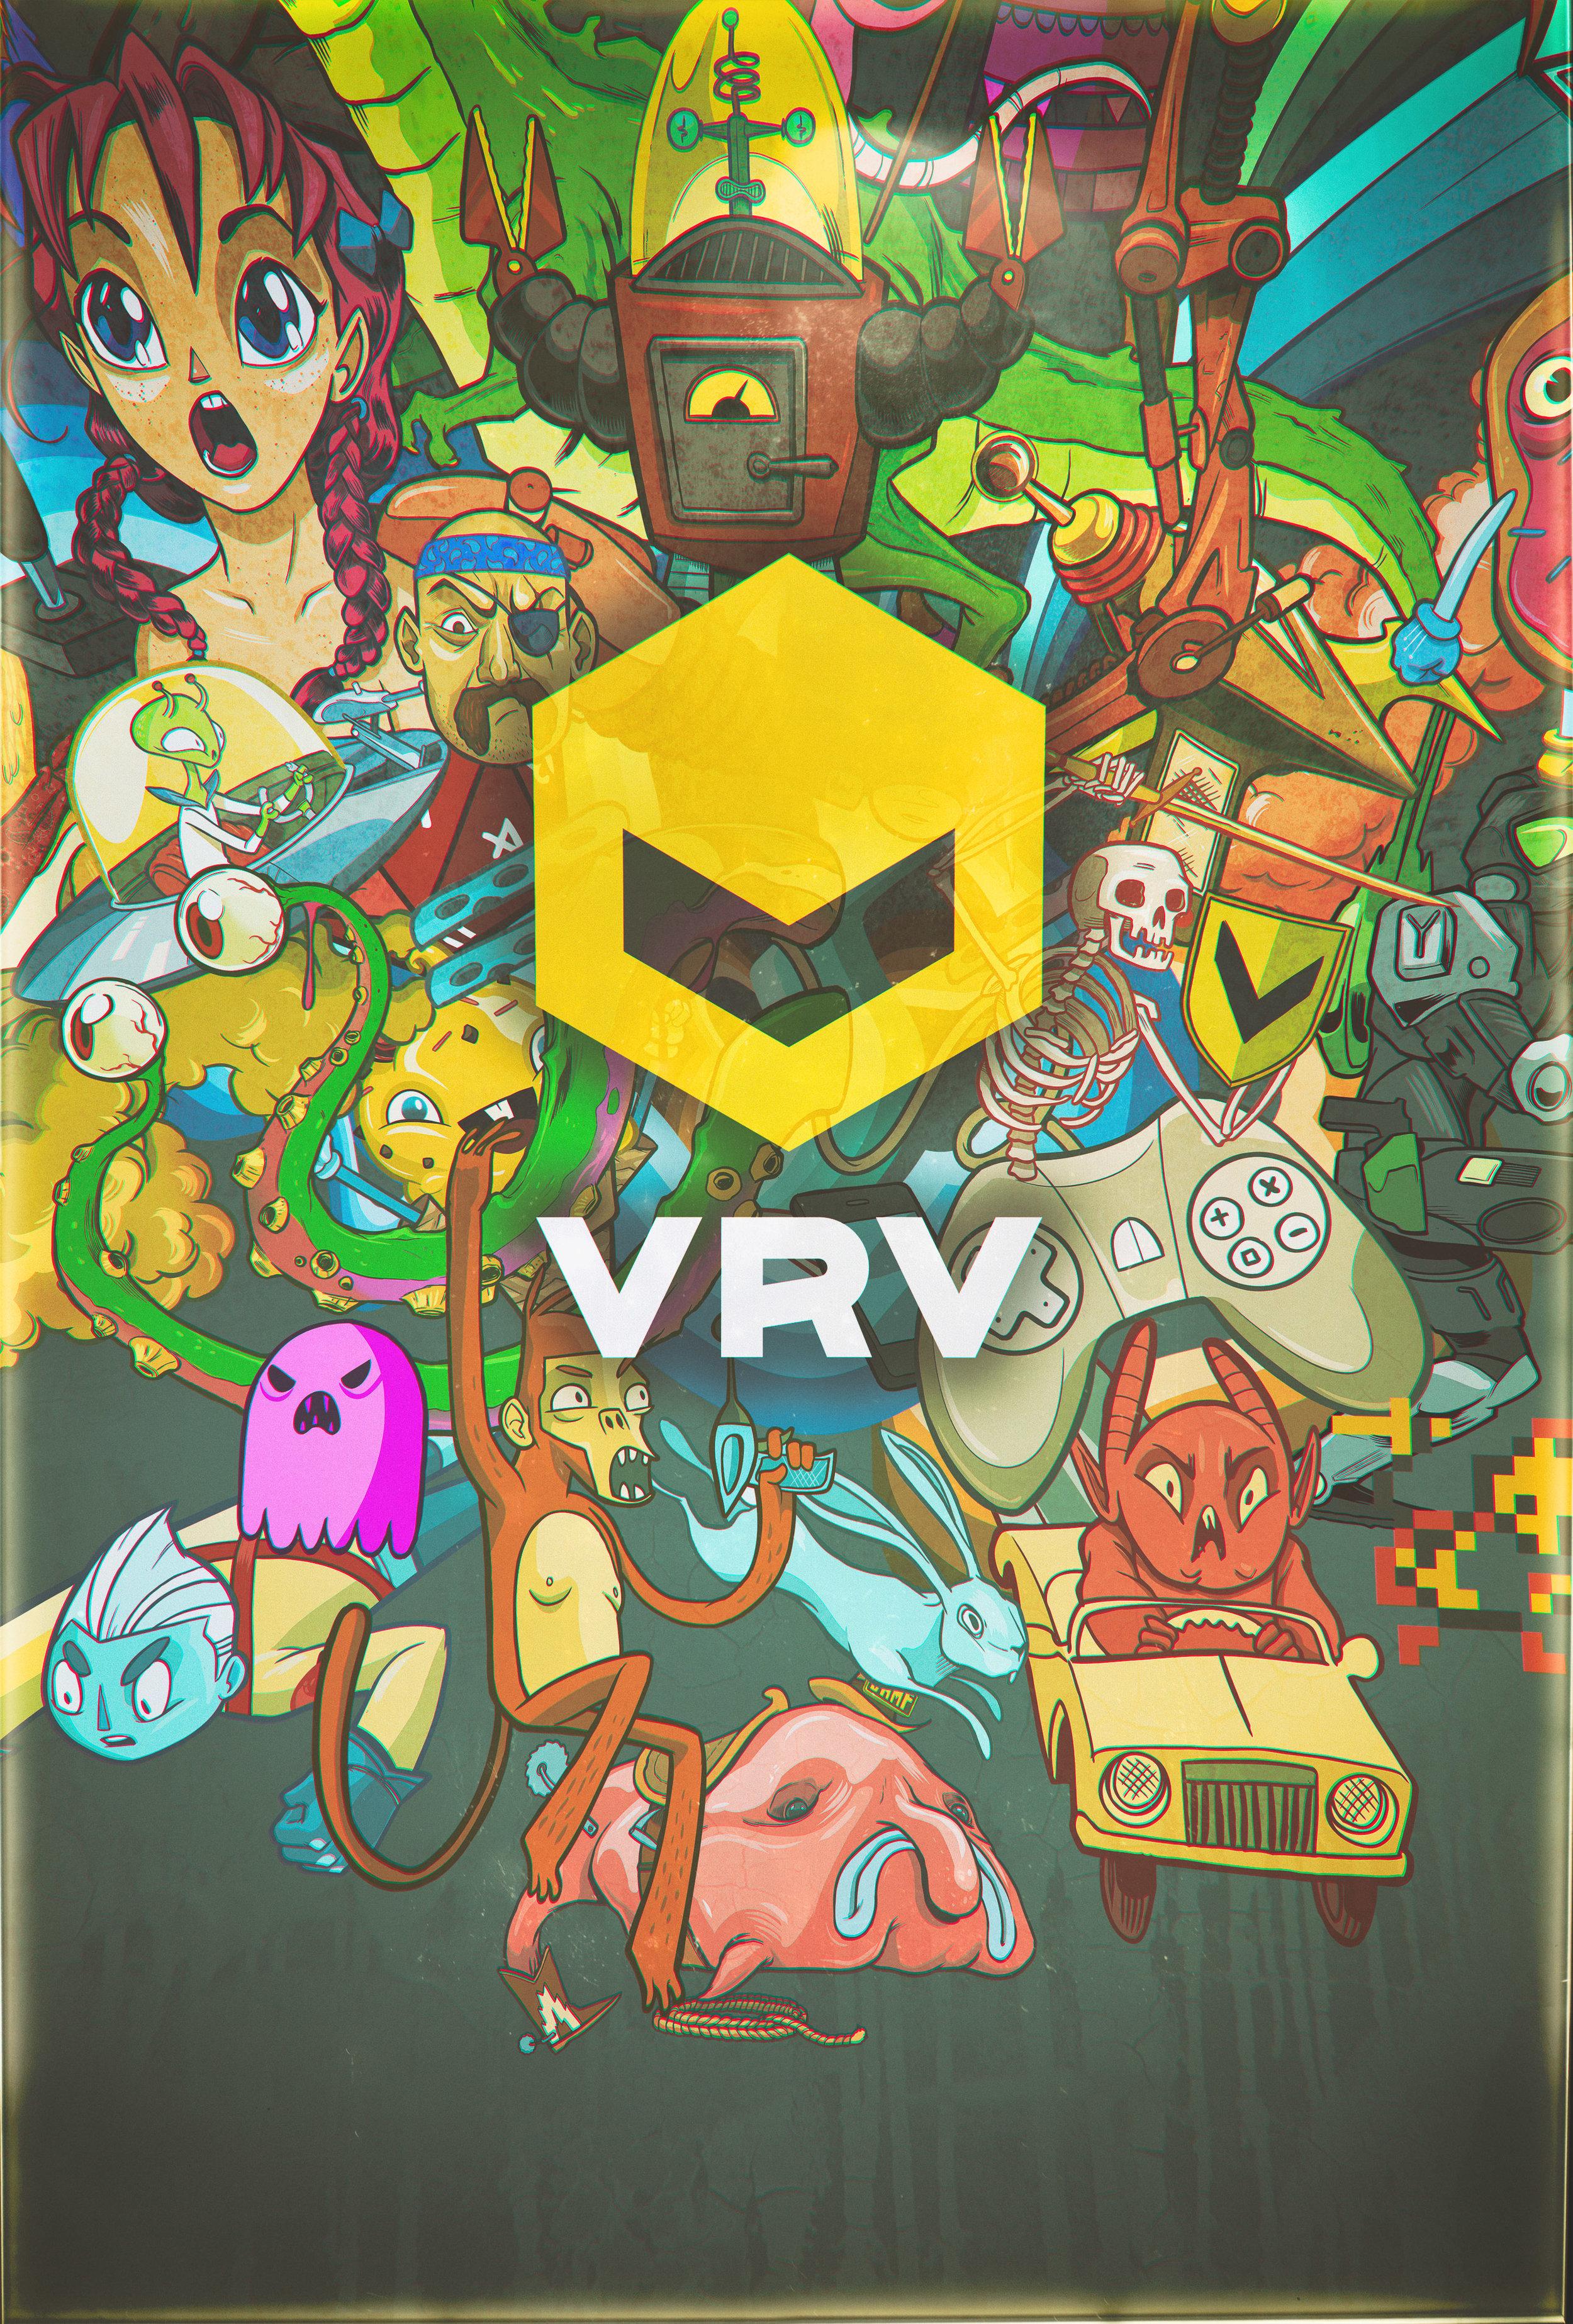 VRV_Poster_Meatball_v2.jpg